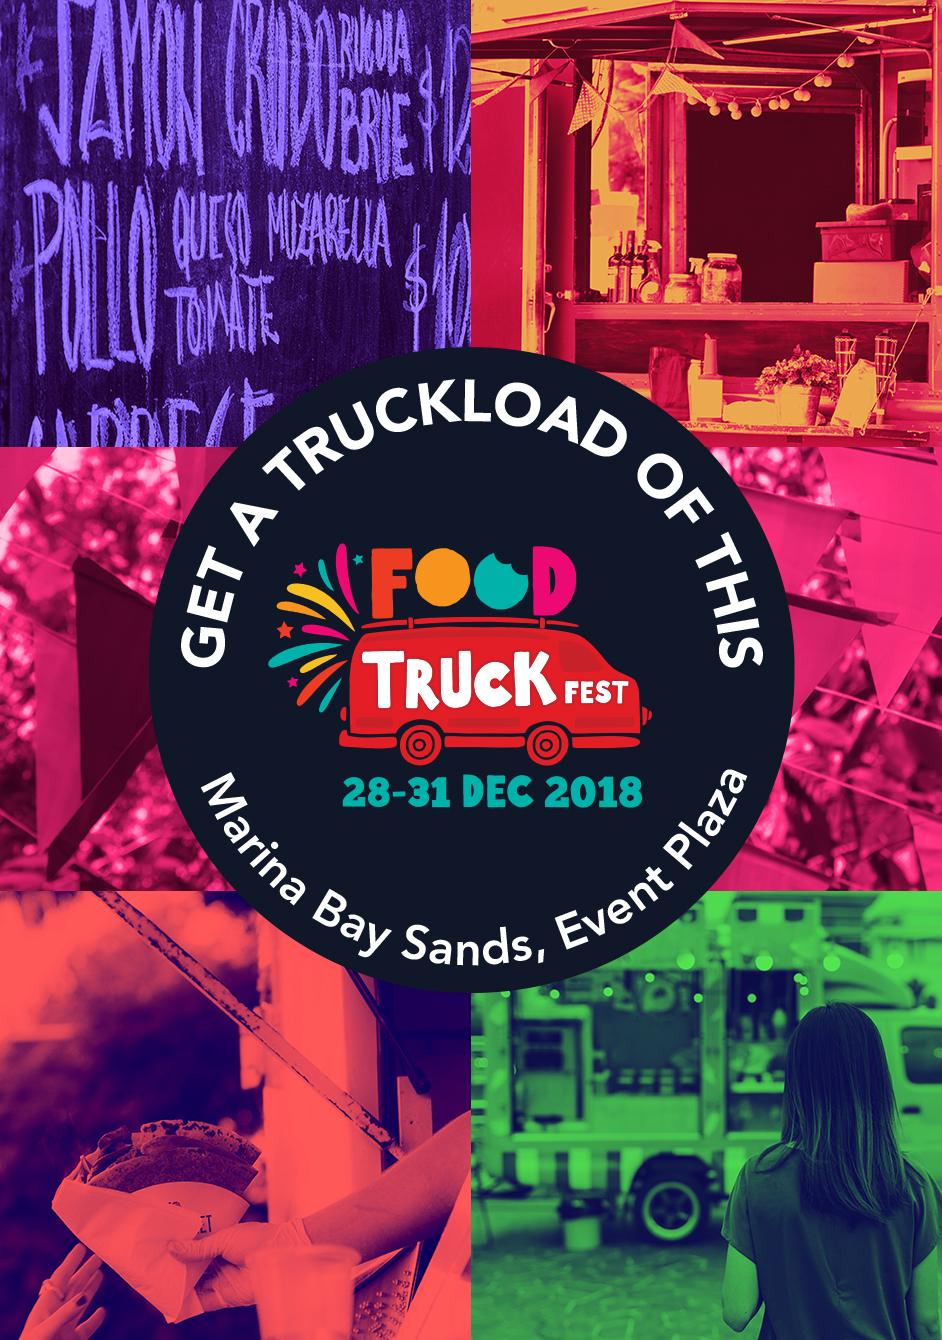 Food Truck Fest.jpg